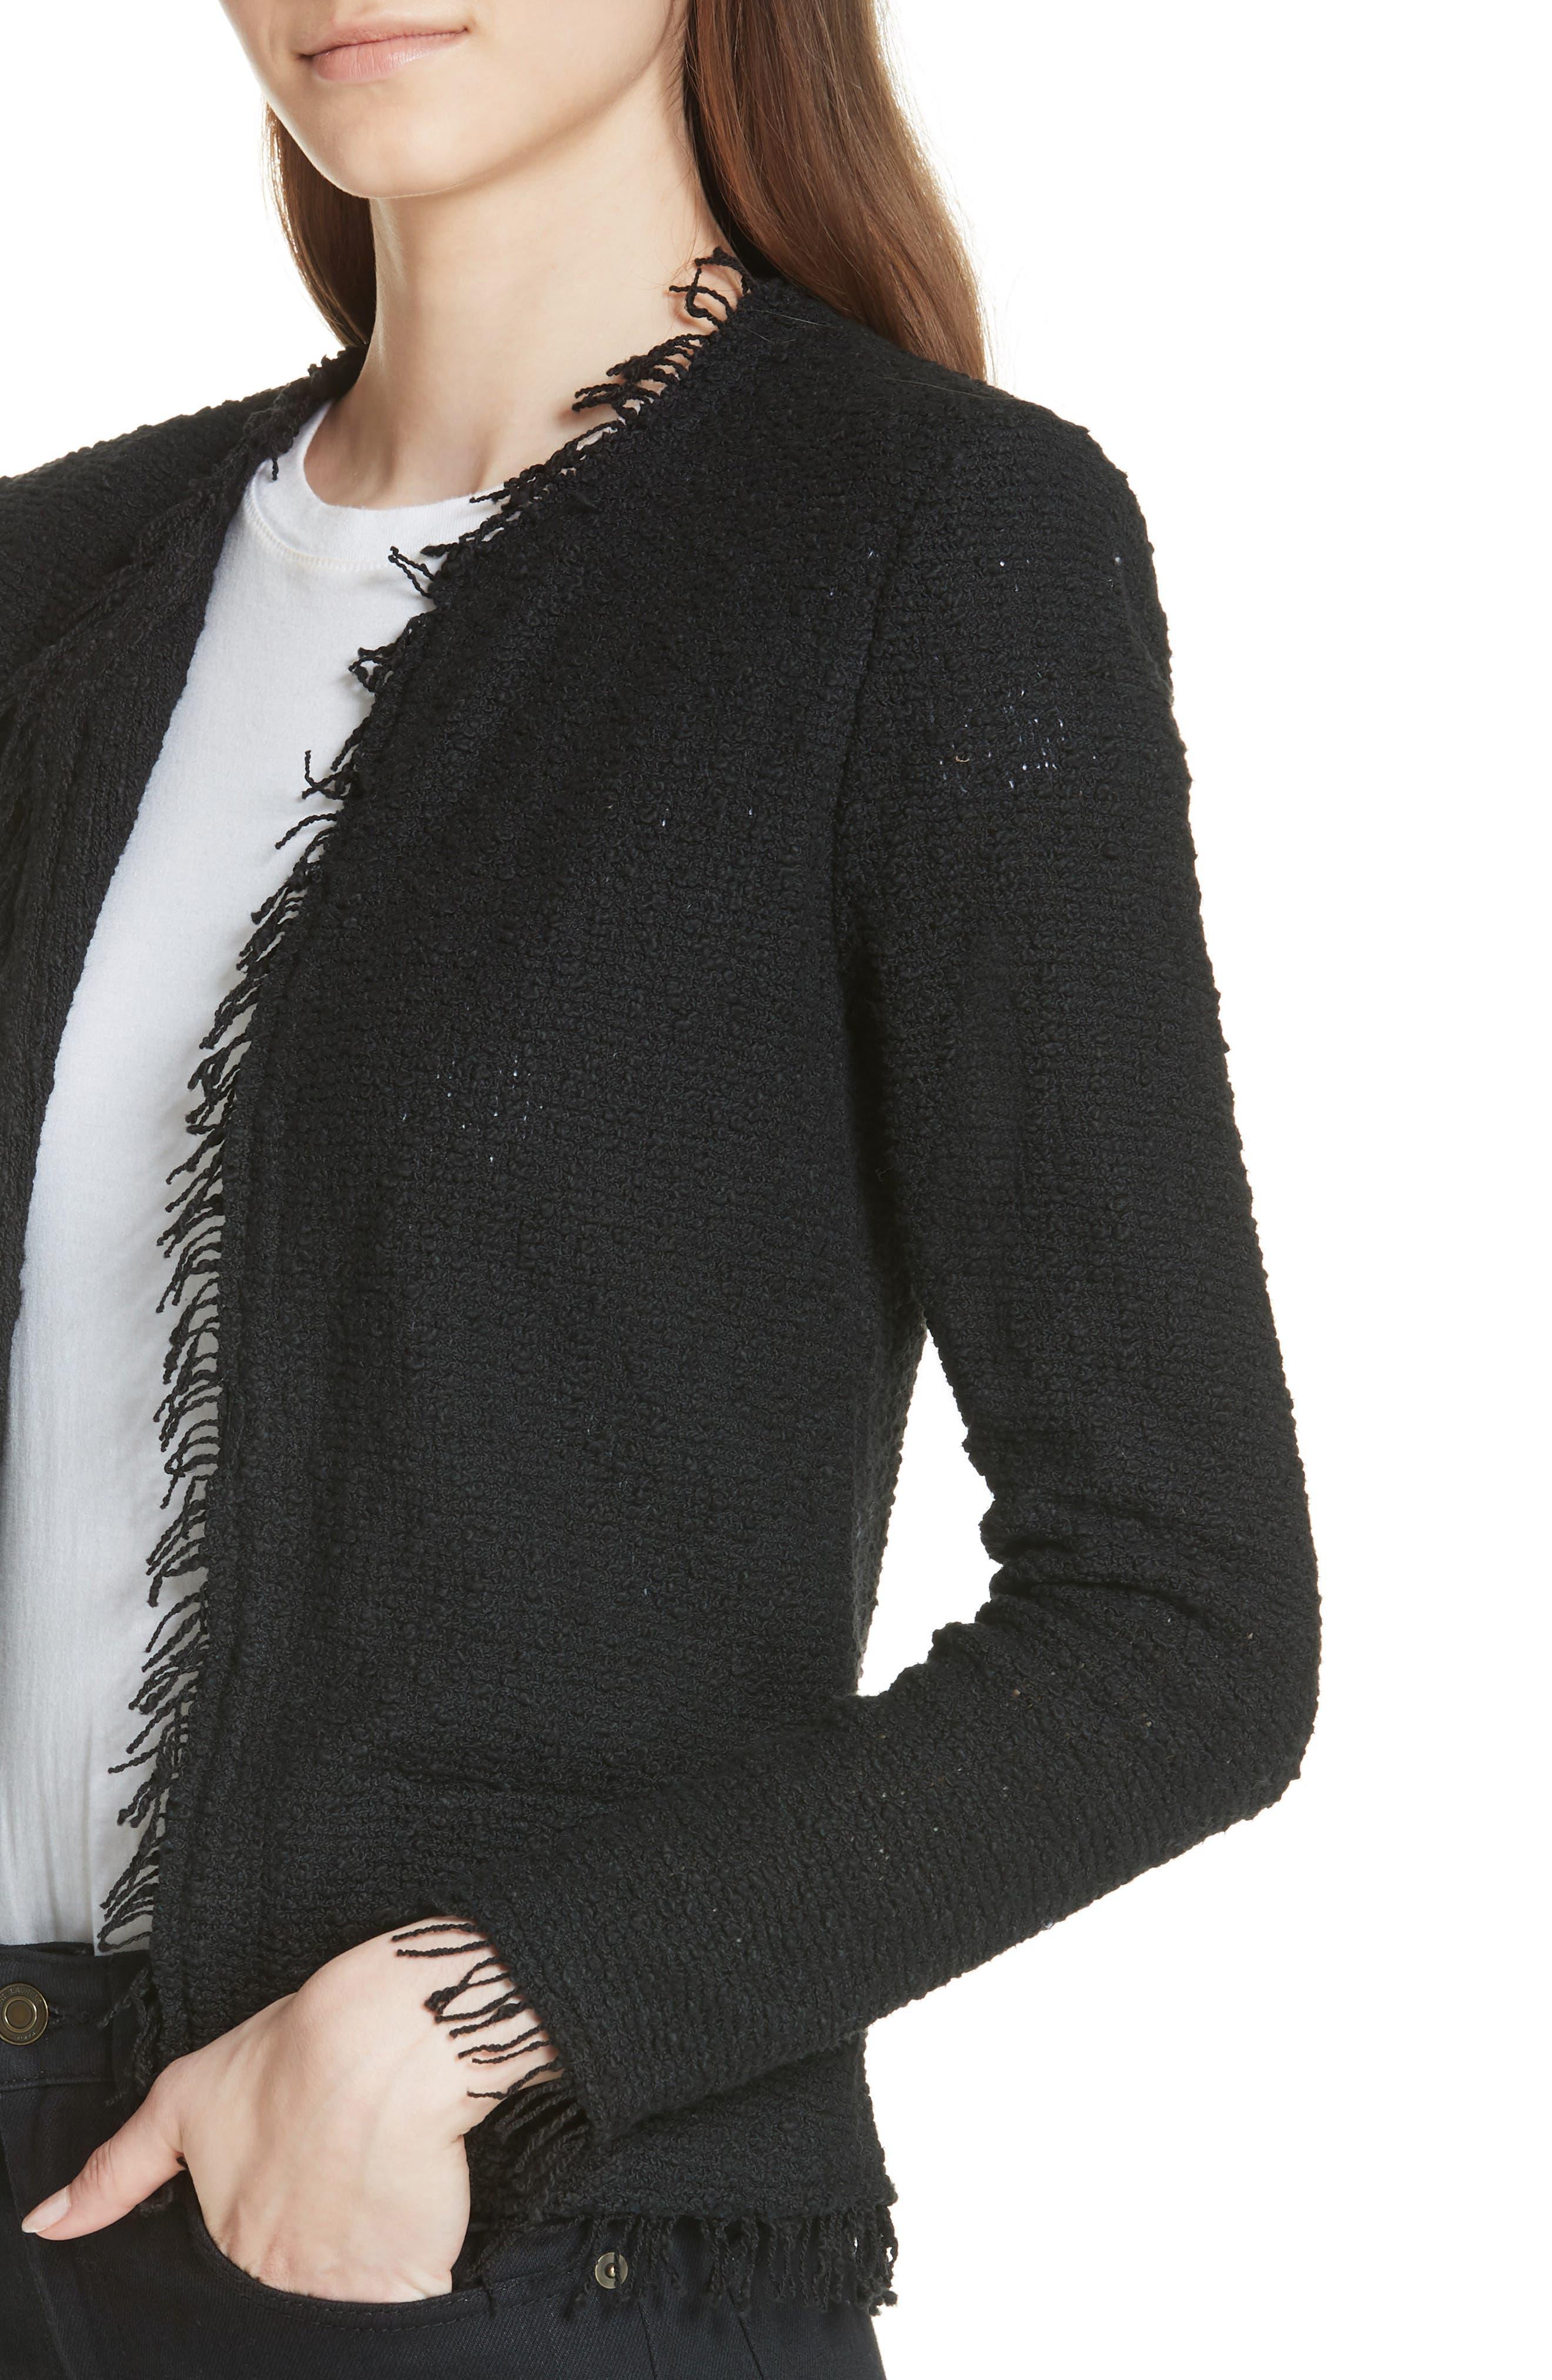 Shavani Tweed Jacket,                             Alternate thumbnail 4, color,                             001